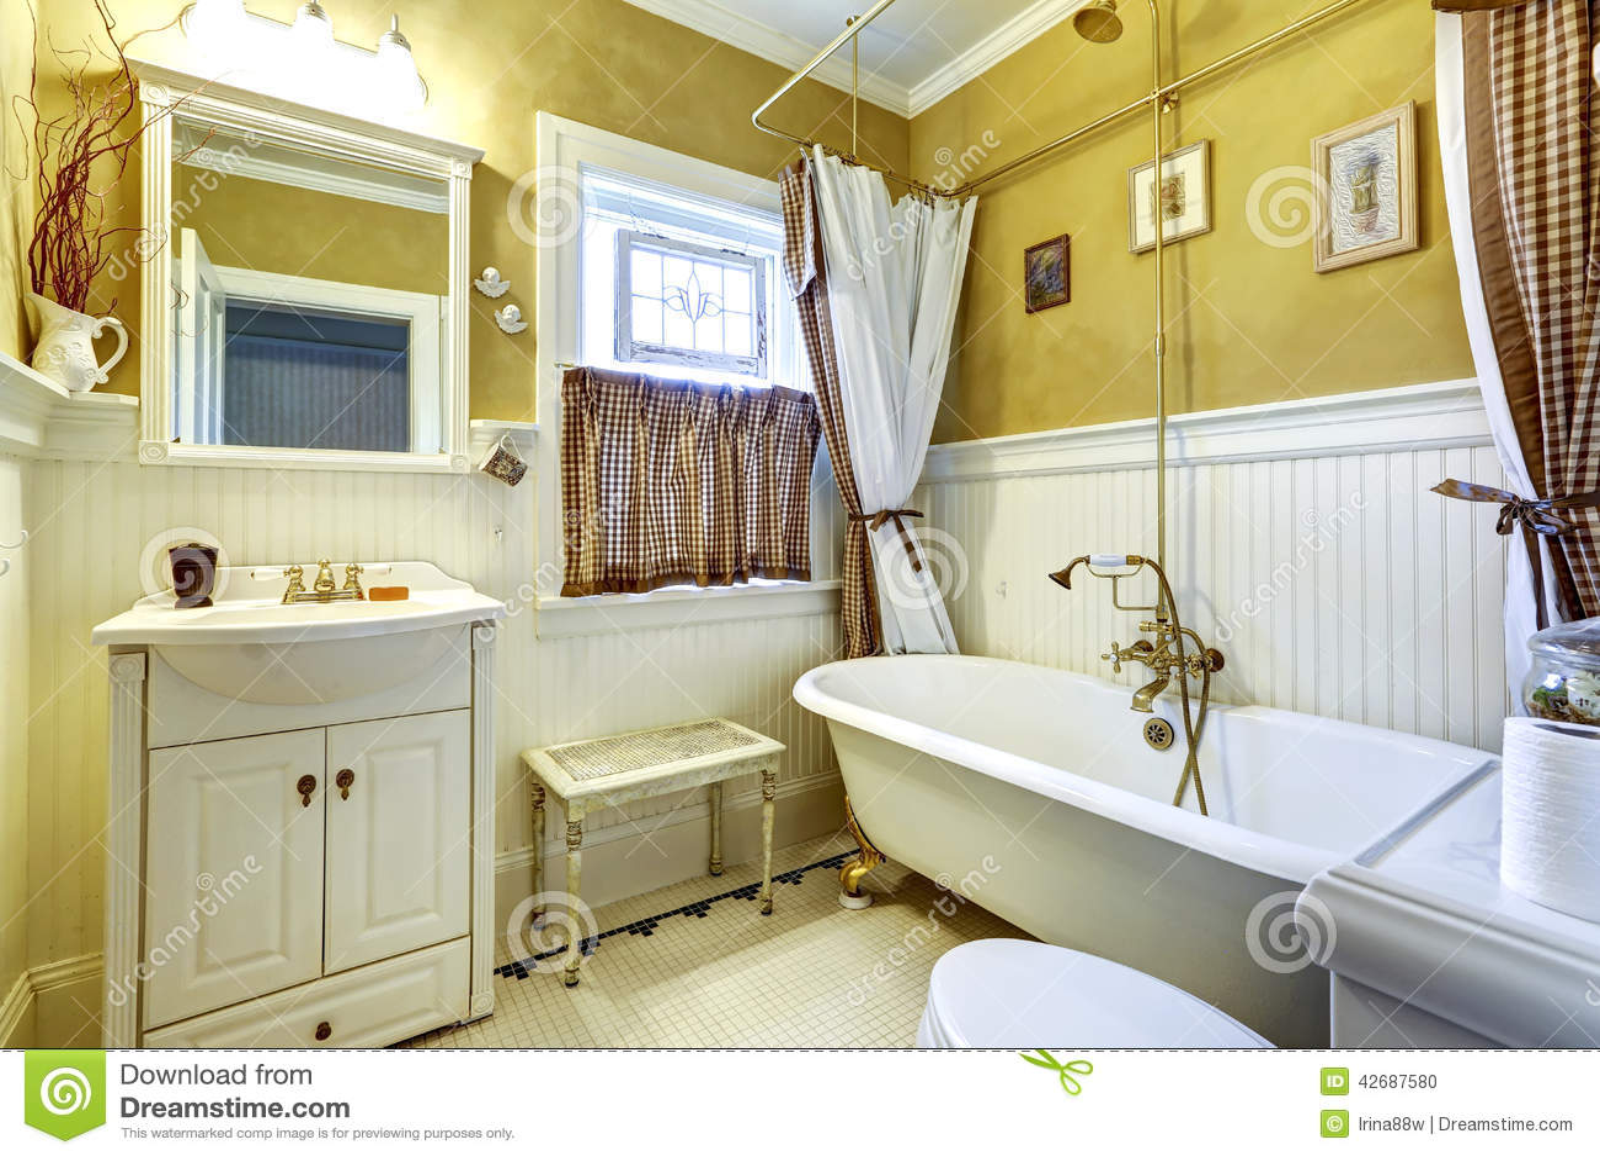 Int rieur antique blanc et jaune de salle de bains photo for Salle de bain jaune